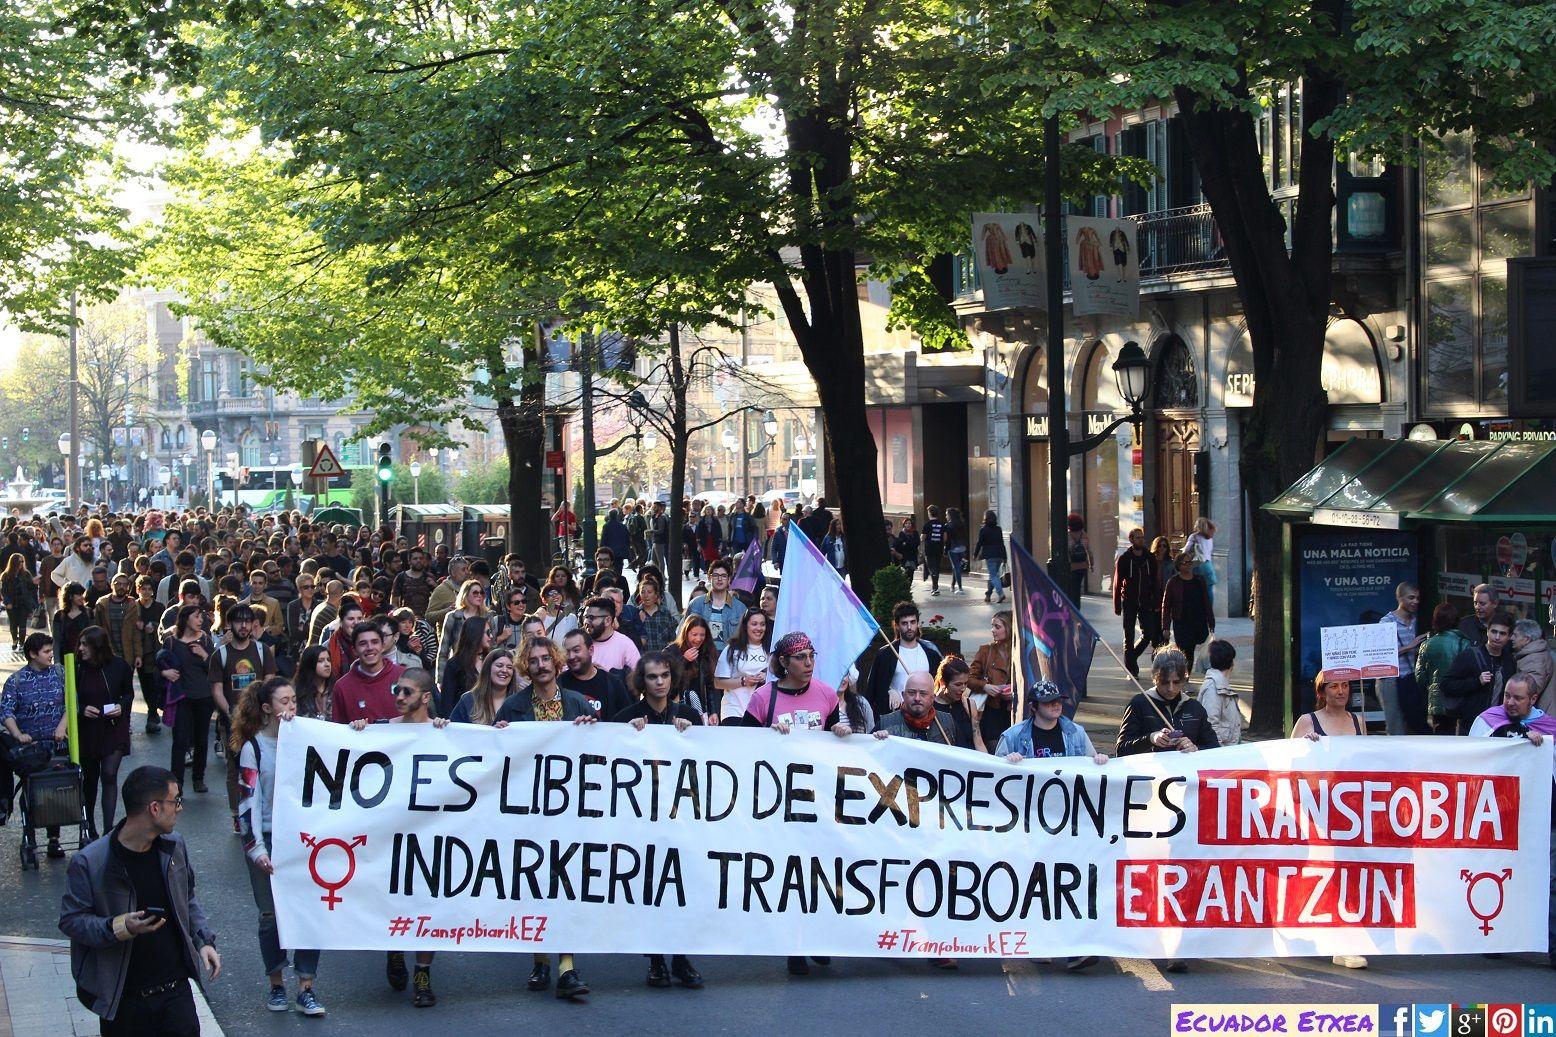 Manifestación: No es libertad de expresión, es Transfobia! 7/4/2017 #Bilbao http://bit.ly/2nMiUKH Organiza: EHuko LGTB Liga #TransfobiarikEZ